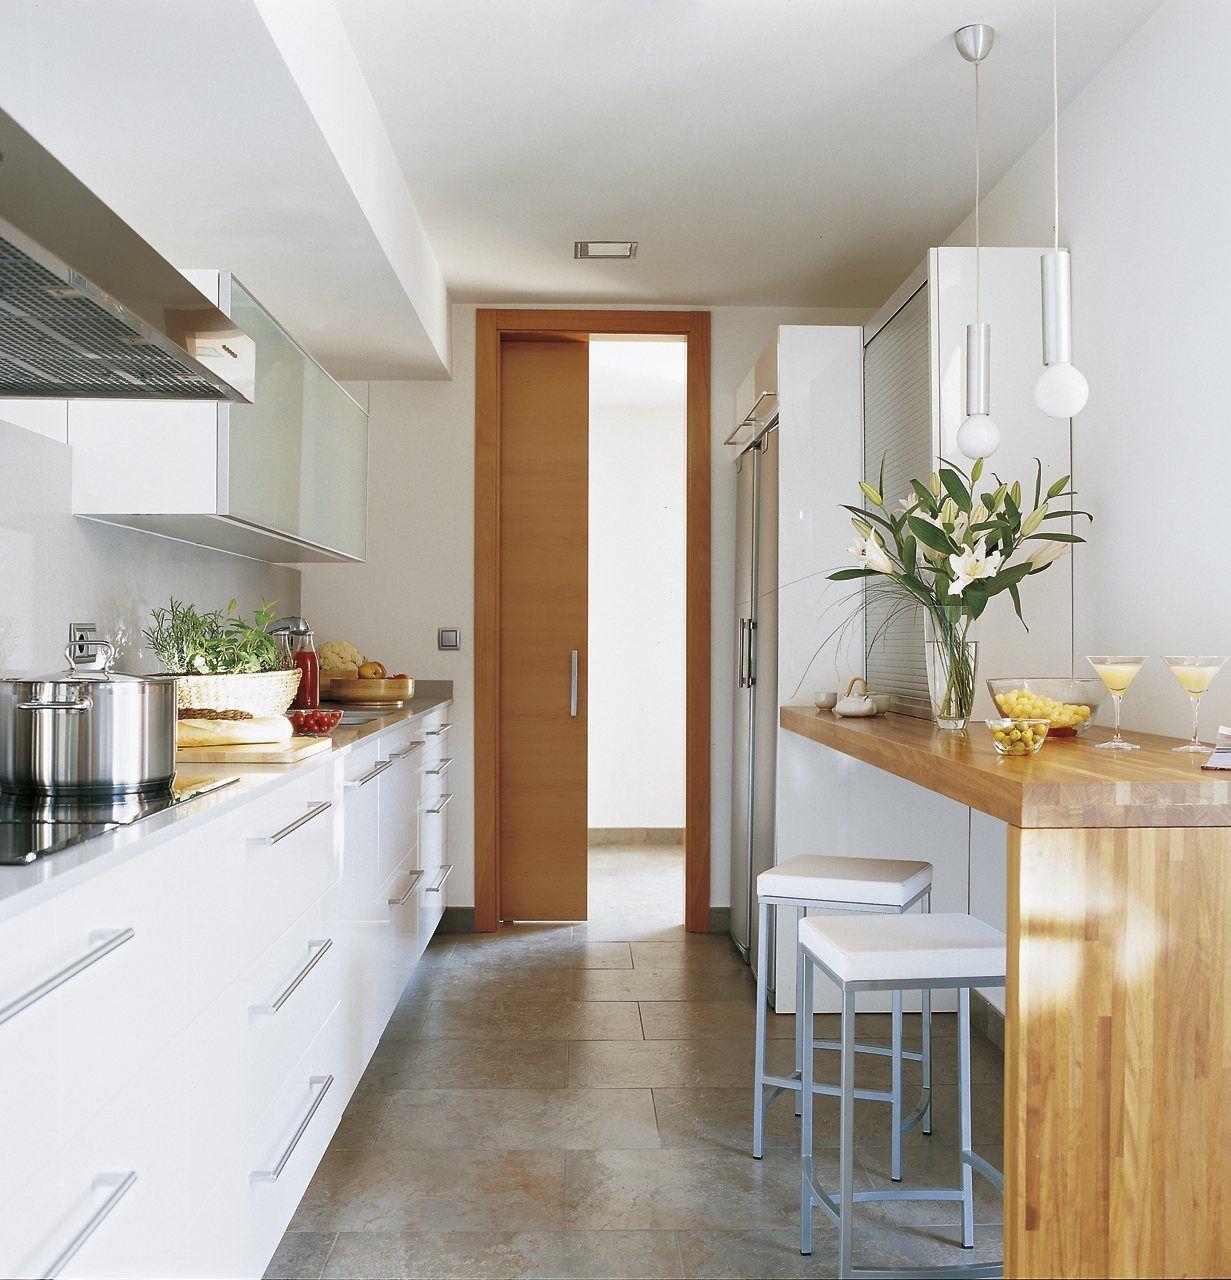 A mesa em madeira destacou a decoração dessa cozinha.